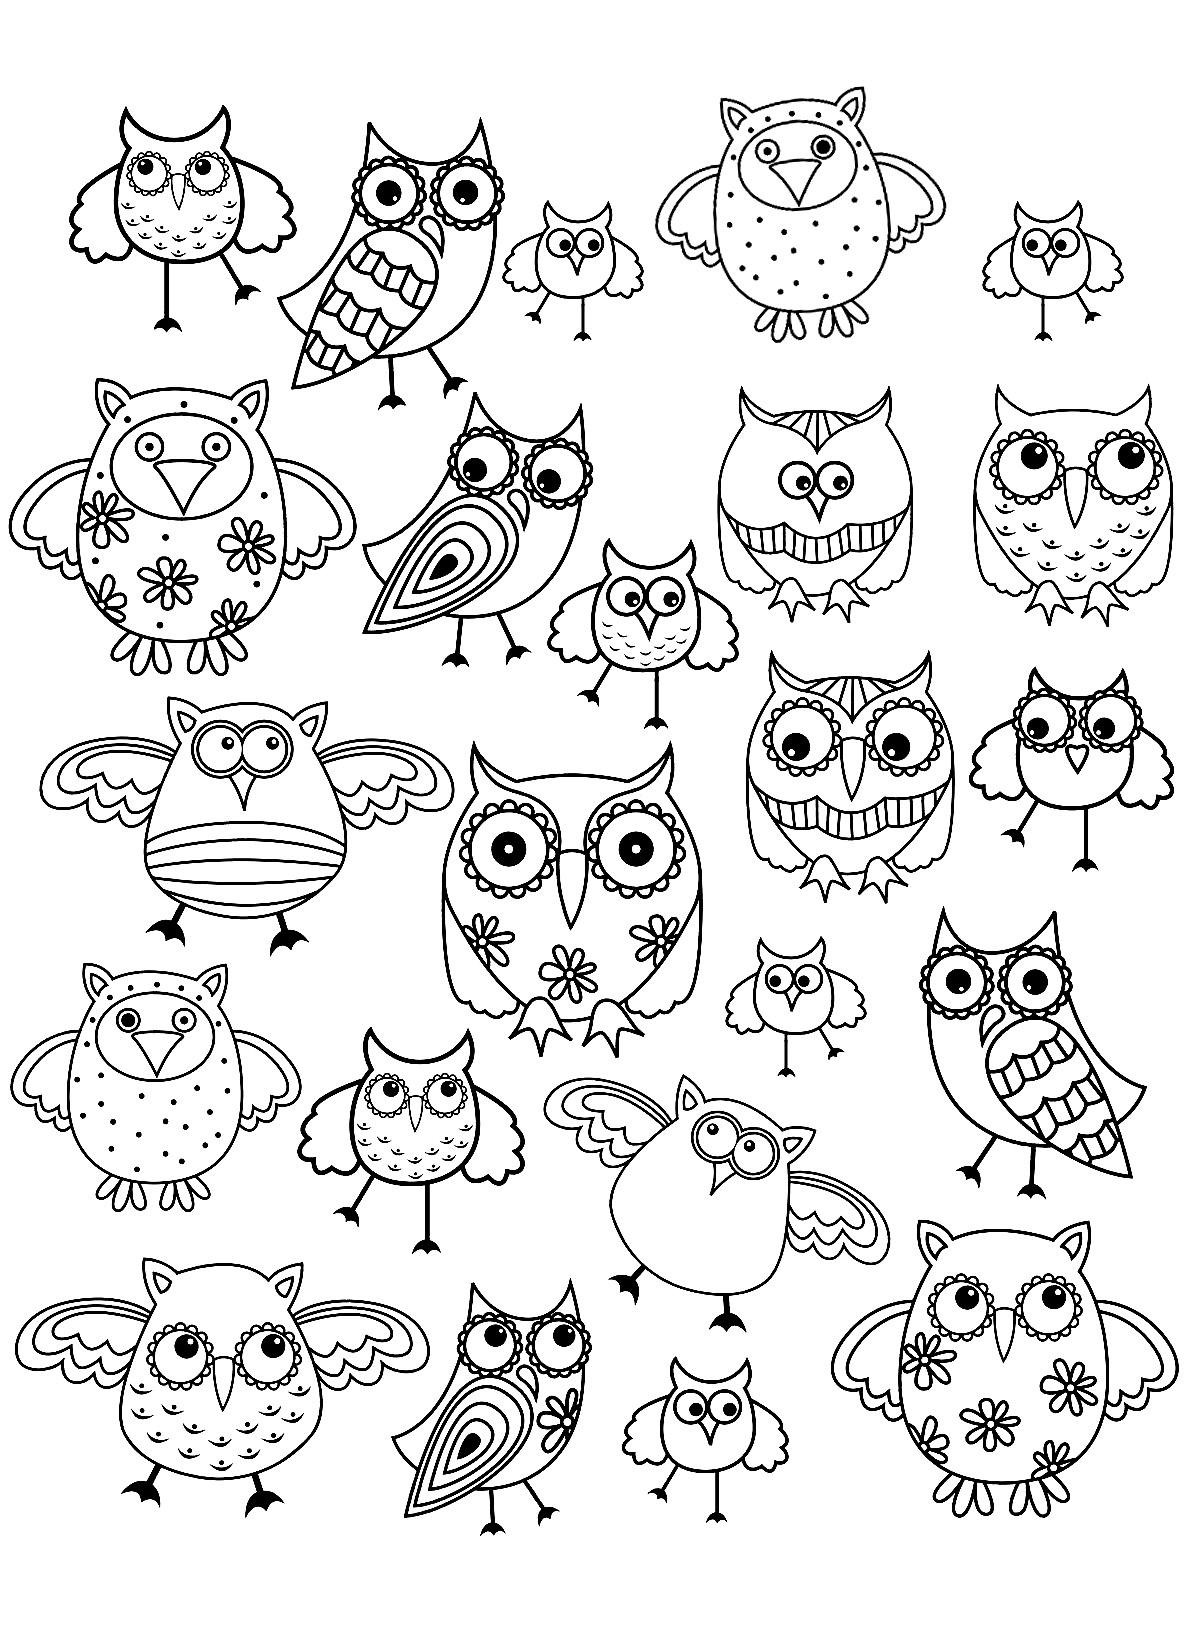 Doodle Simple Hibou - Coloriage Doodle Art - Coloriages Pour pour Dessin Hibou Facile